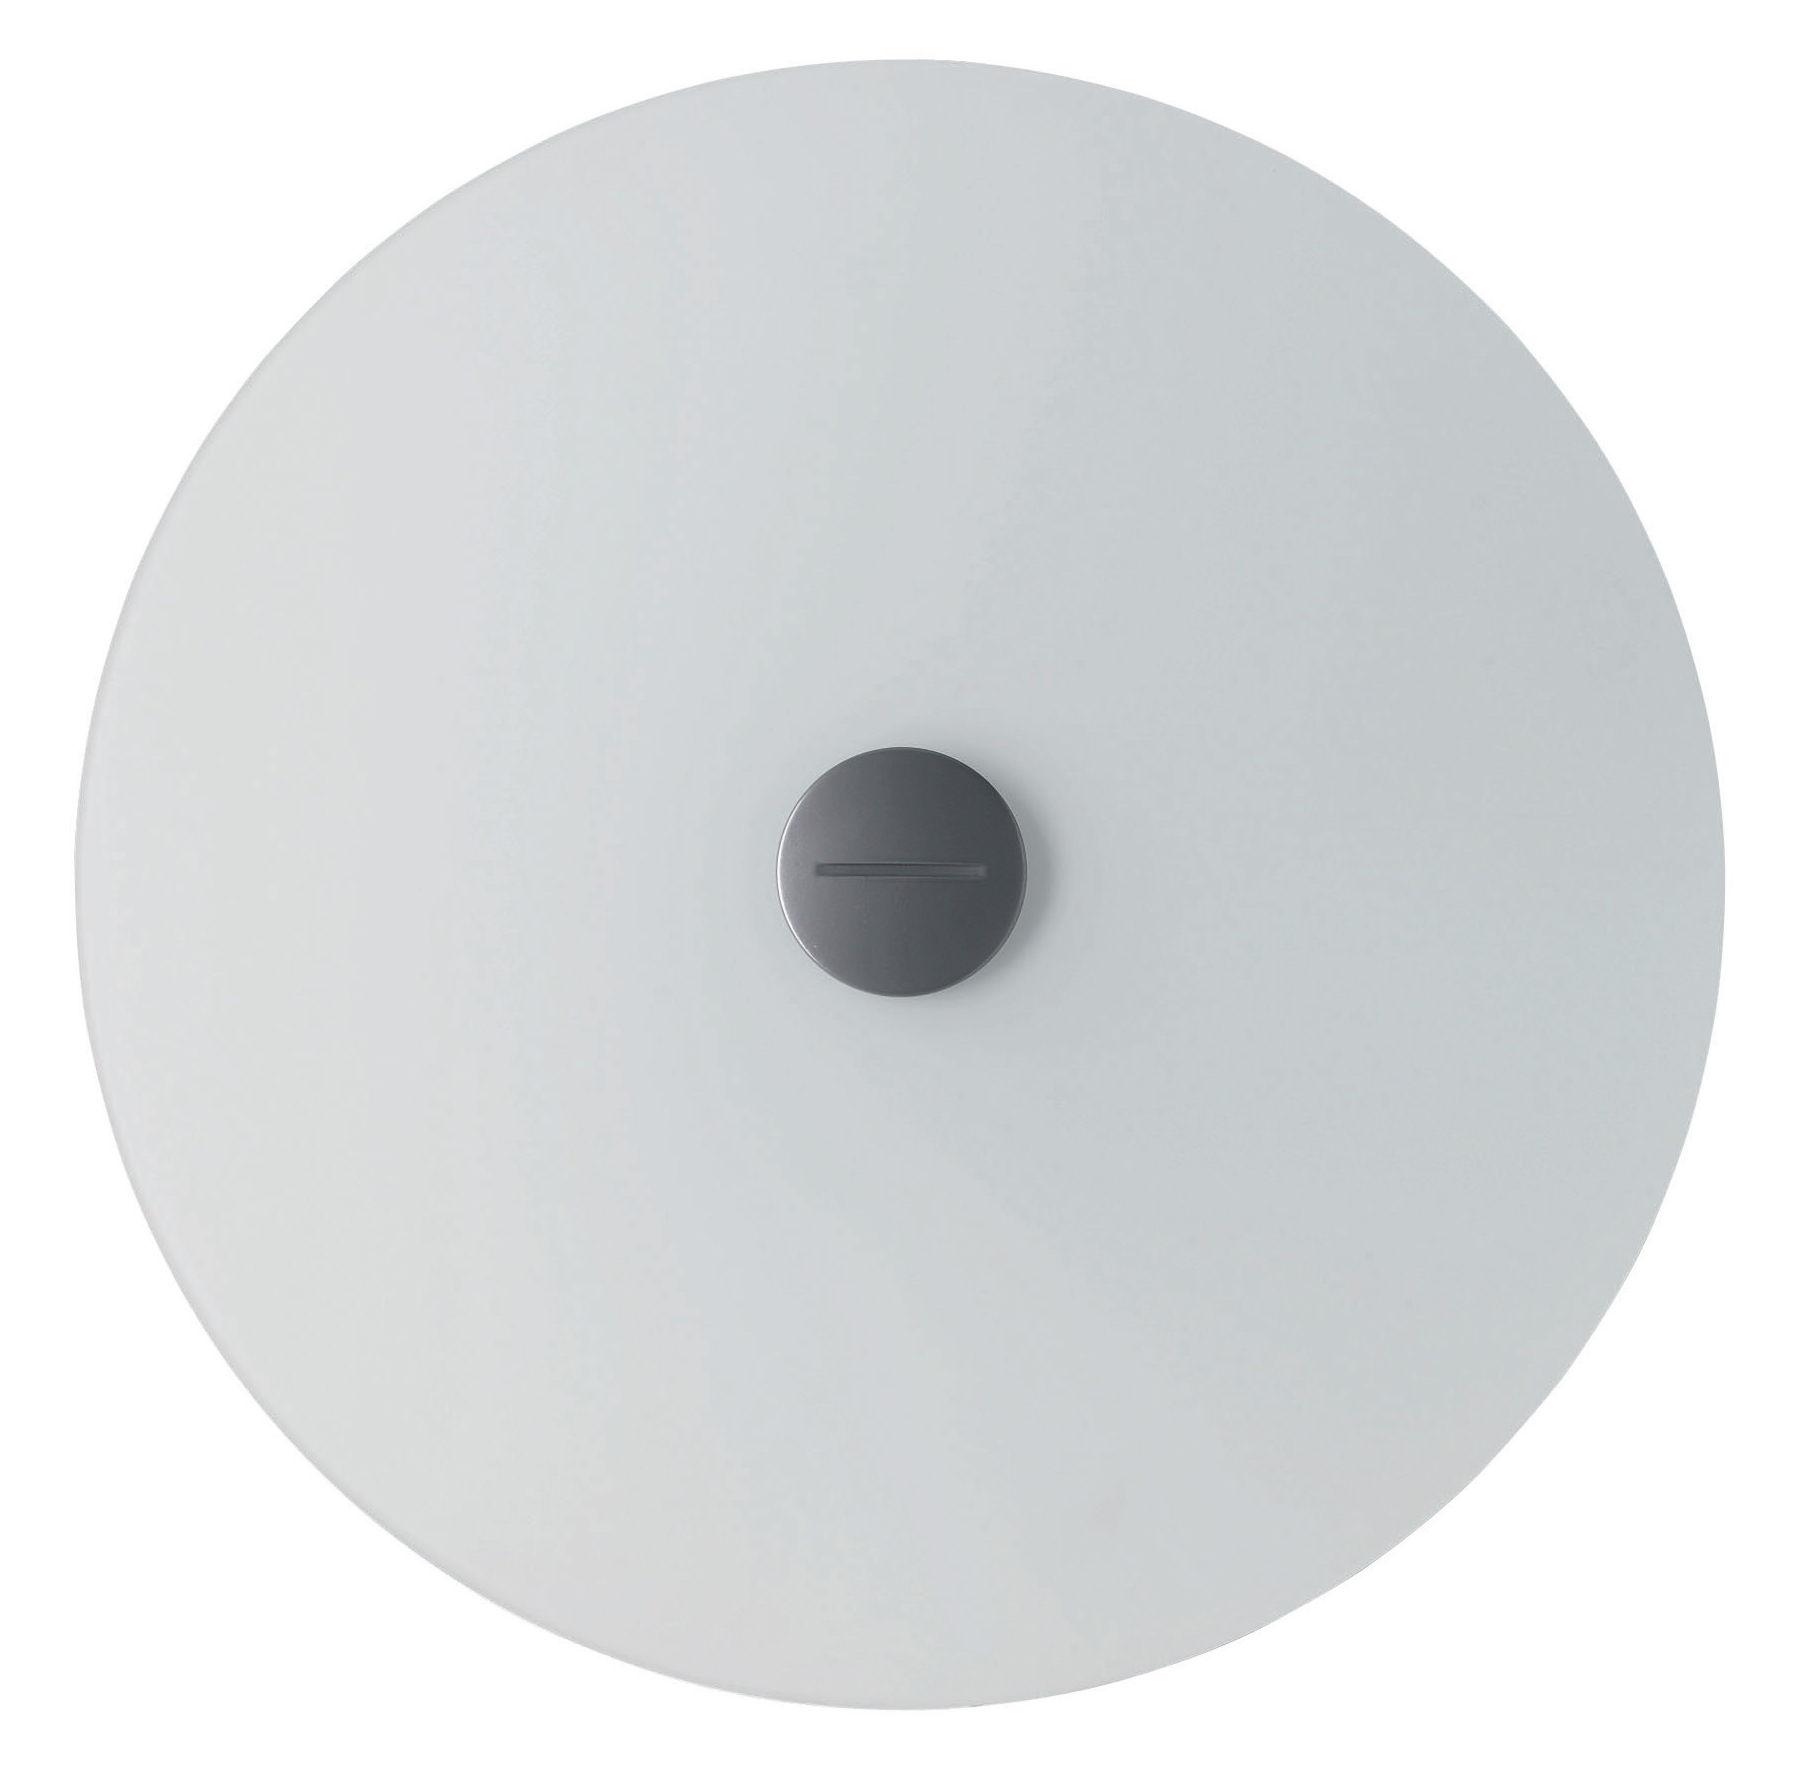 Leuchten - Wandleuchten - Bit 3 Wandleuchte mit Stromkabel - Foscarini - Weiß - Glas, Metall